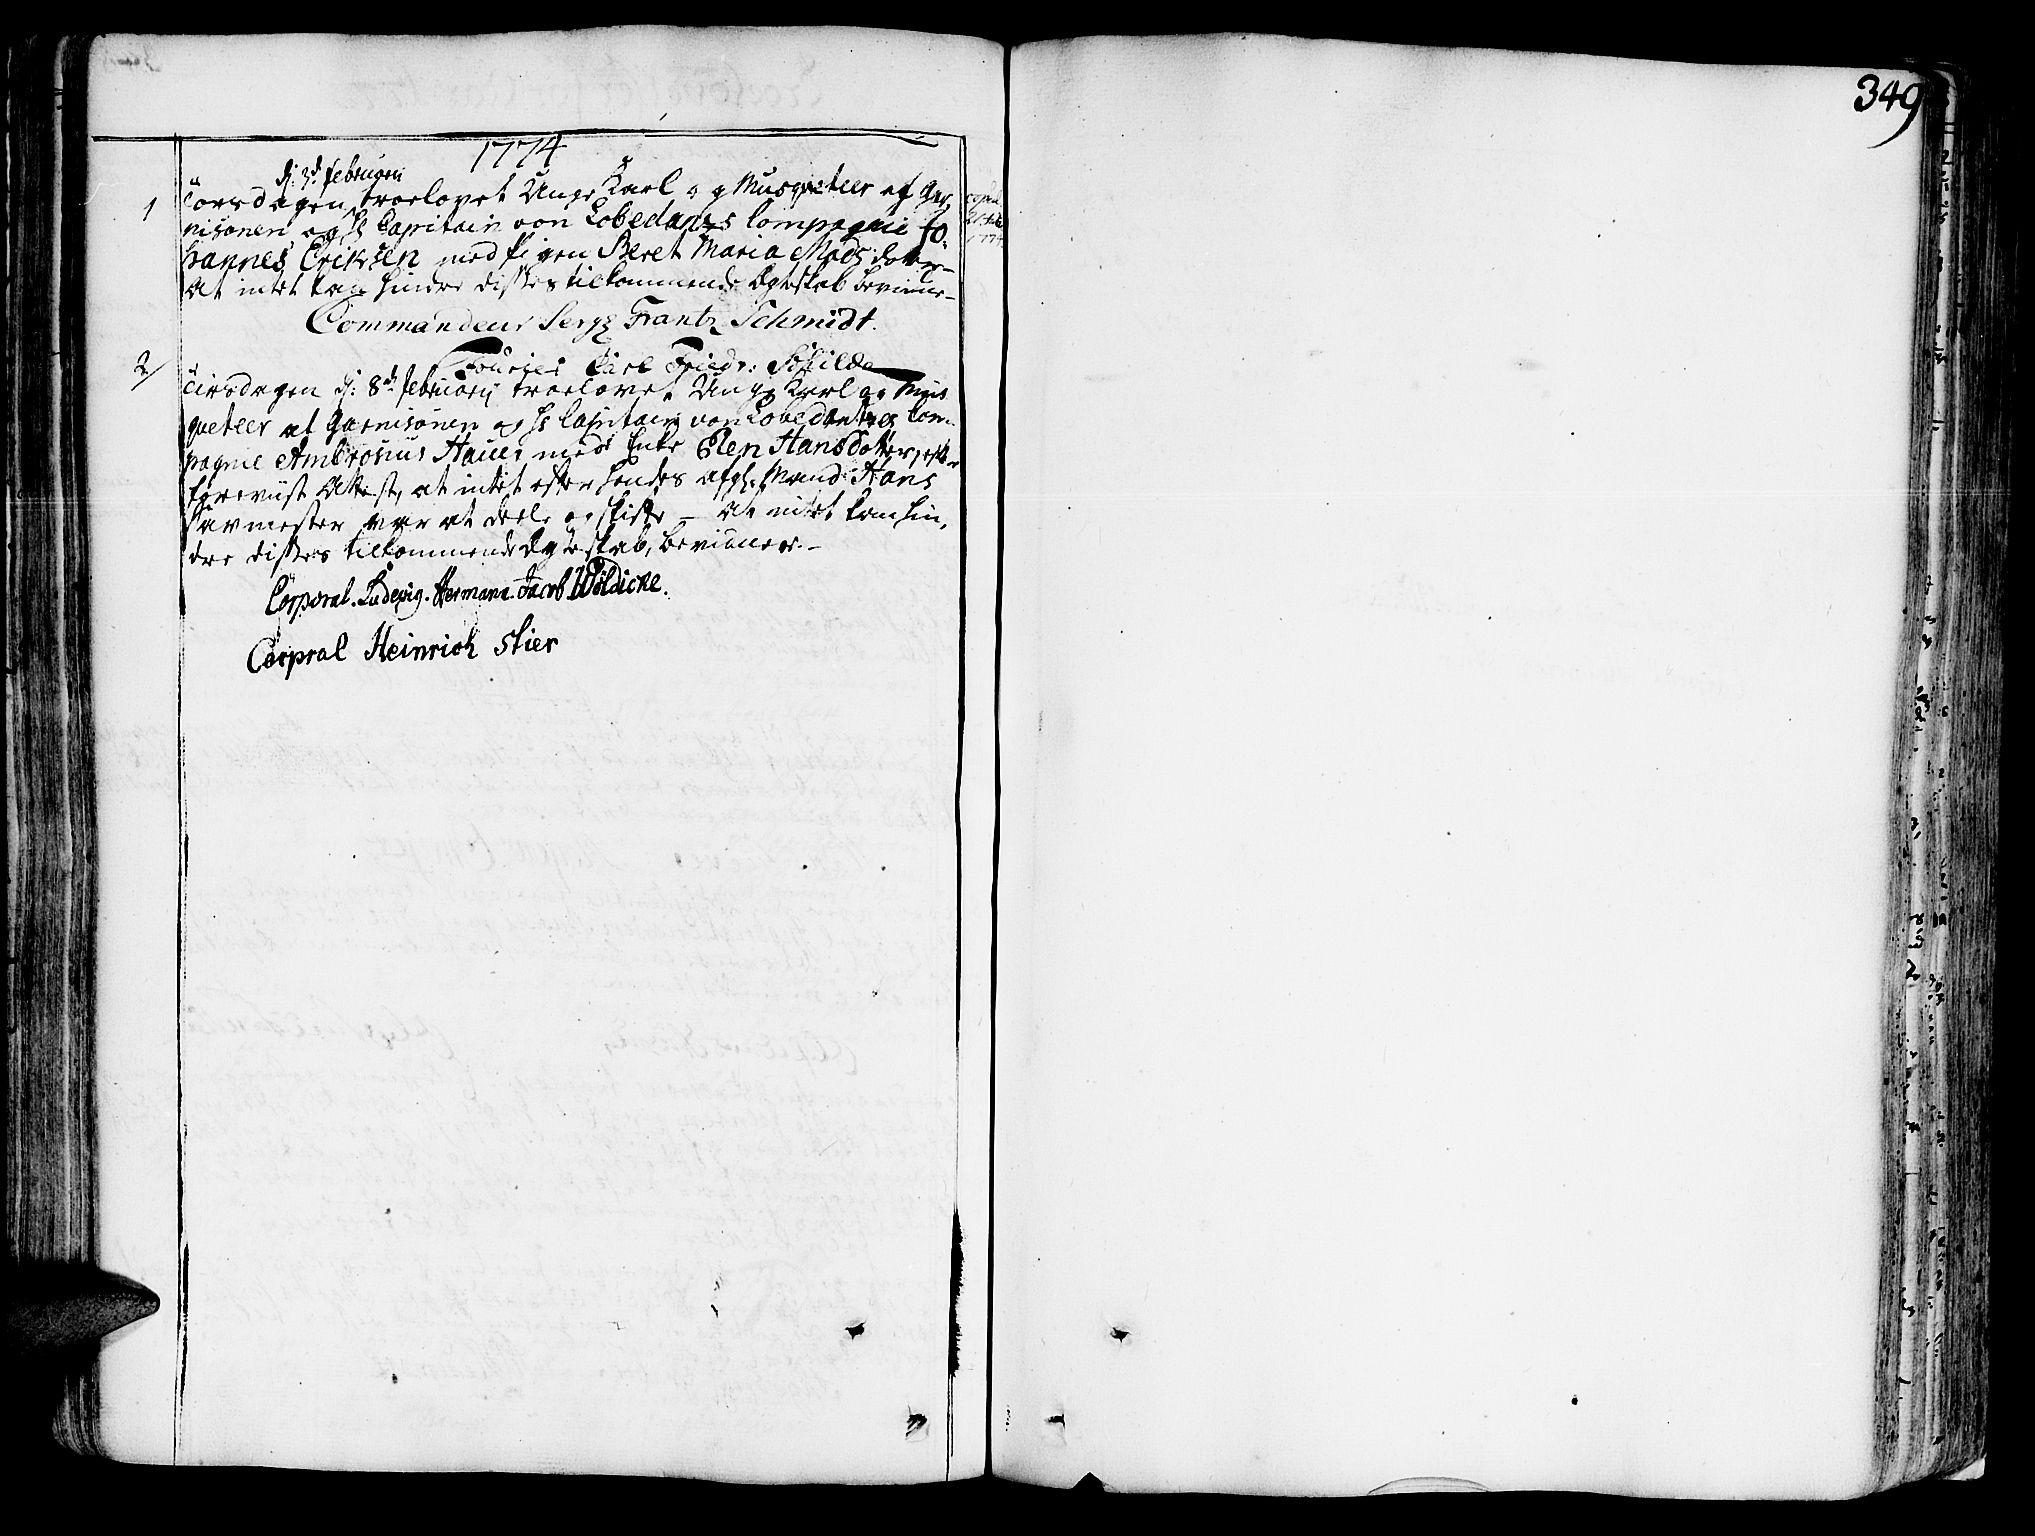 SAT, Ministerialprotokoller, klokkerbøker og fødselsregistre - Sør-Trøndelag, 602/L0103: Ministerialbok nr. 602A01, 1732-1774, s. 349